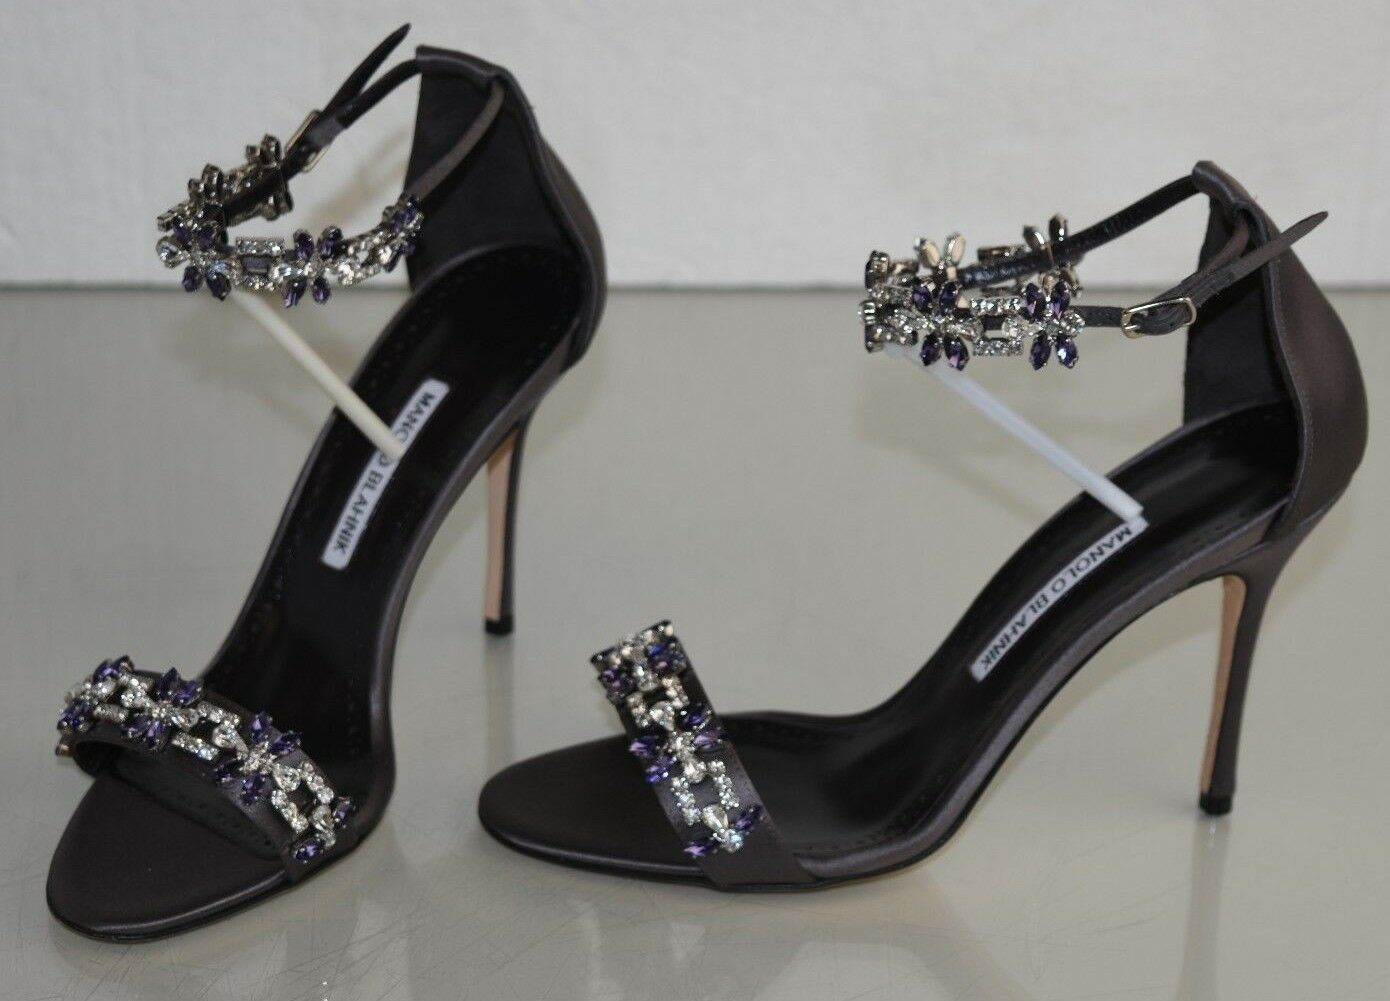 1255 NEW NEW NEW Manolo Blahnik FIRADUO 105 Satin Jeweled Sandals grau schuhe 40 40.5 41 0ce05b